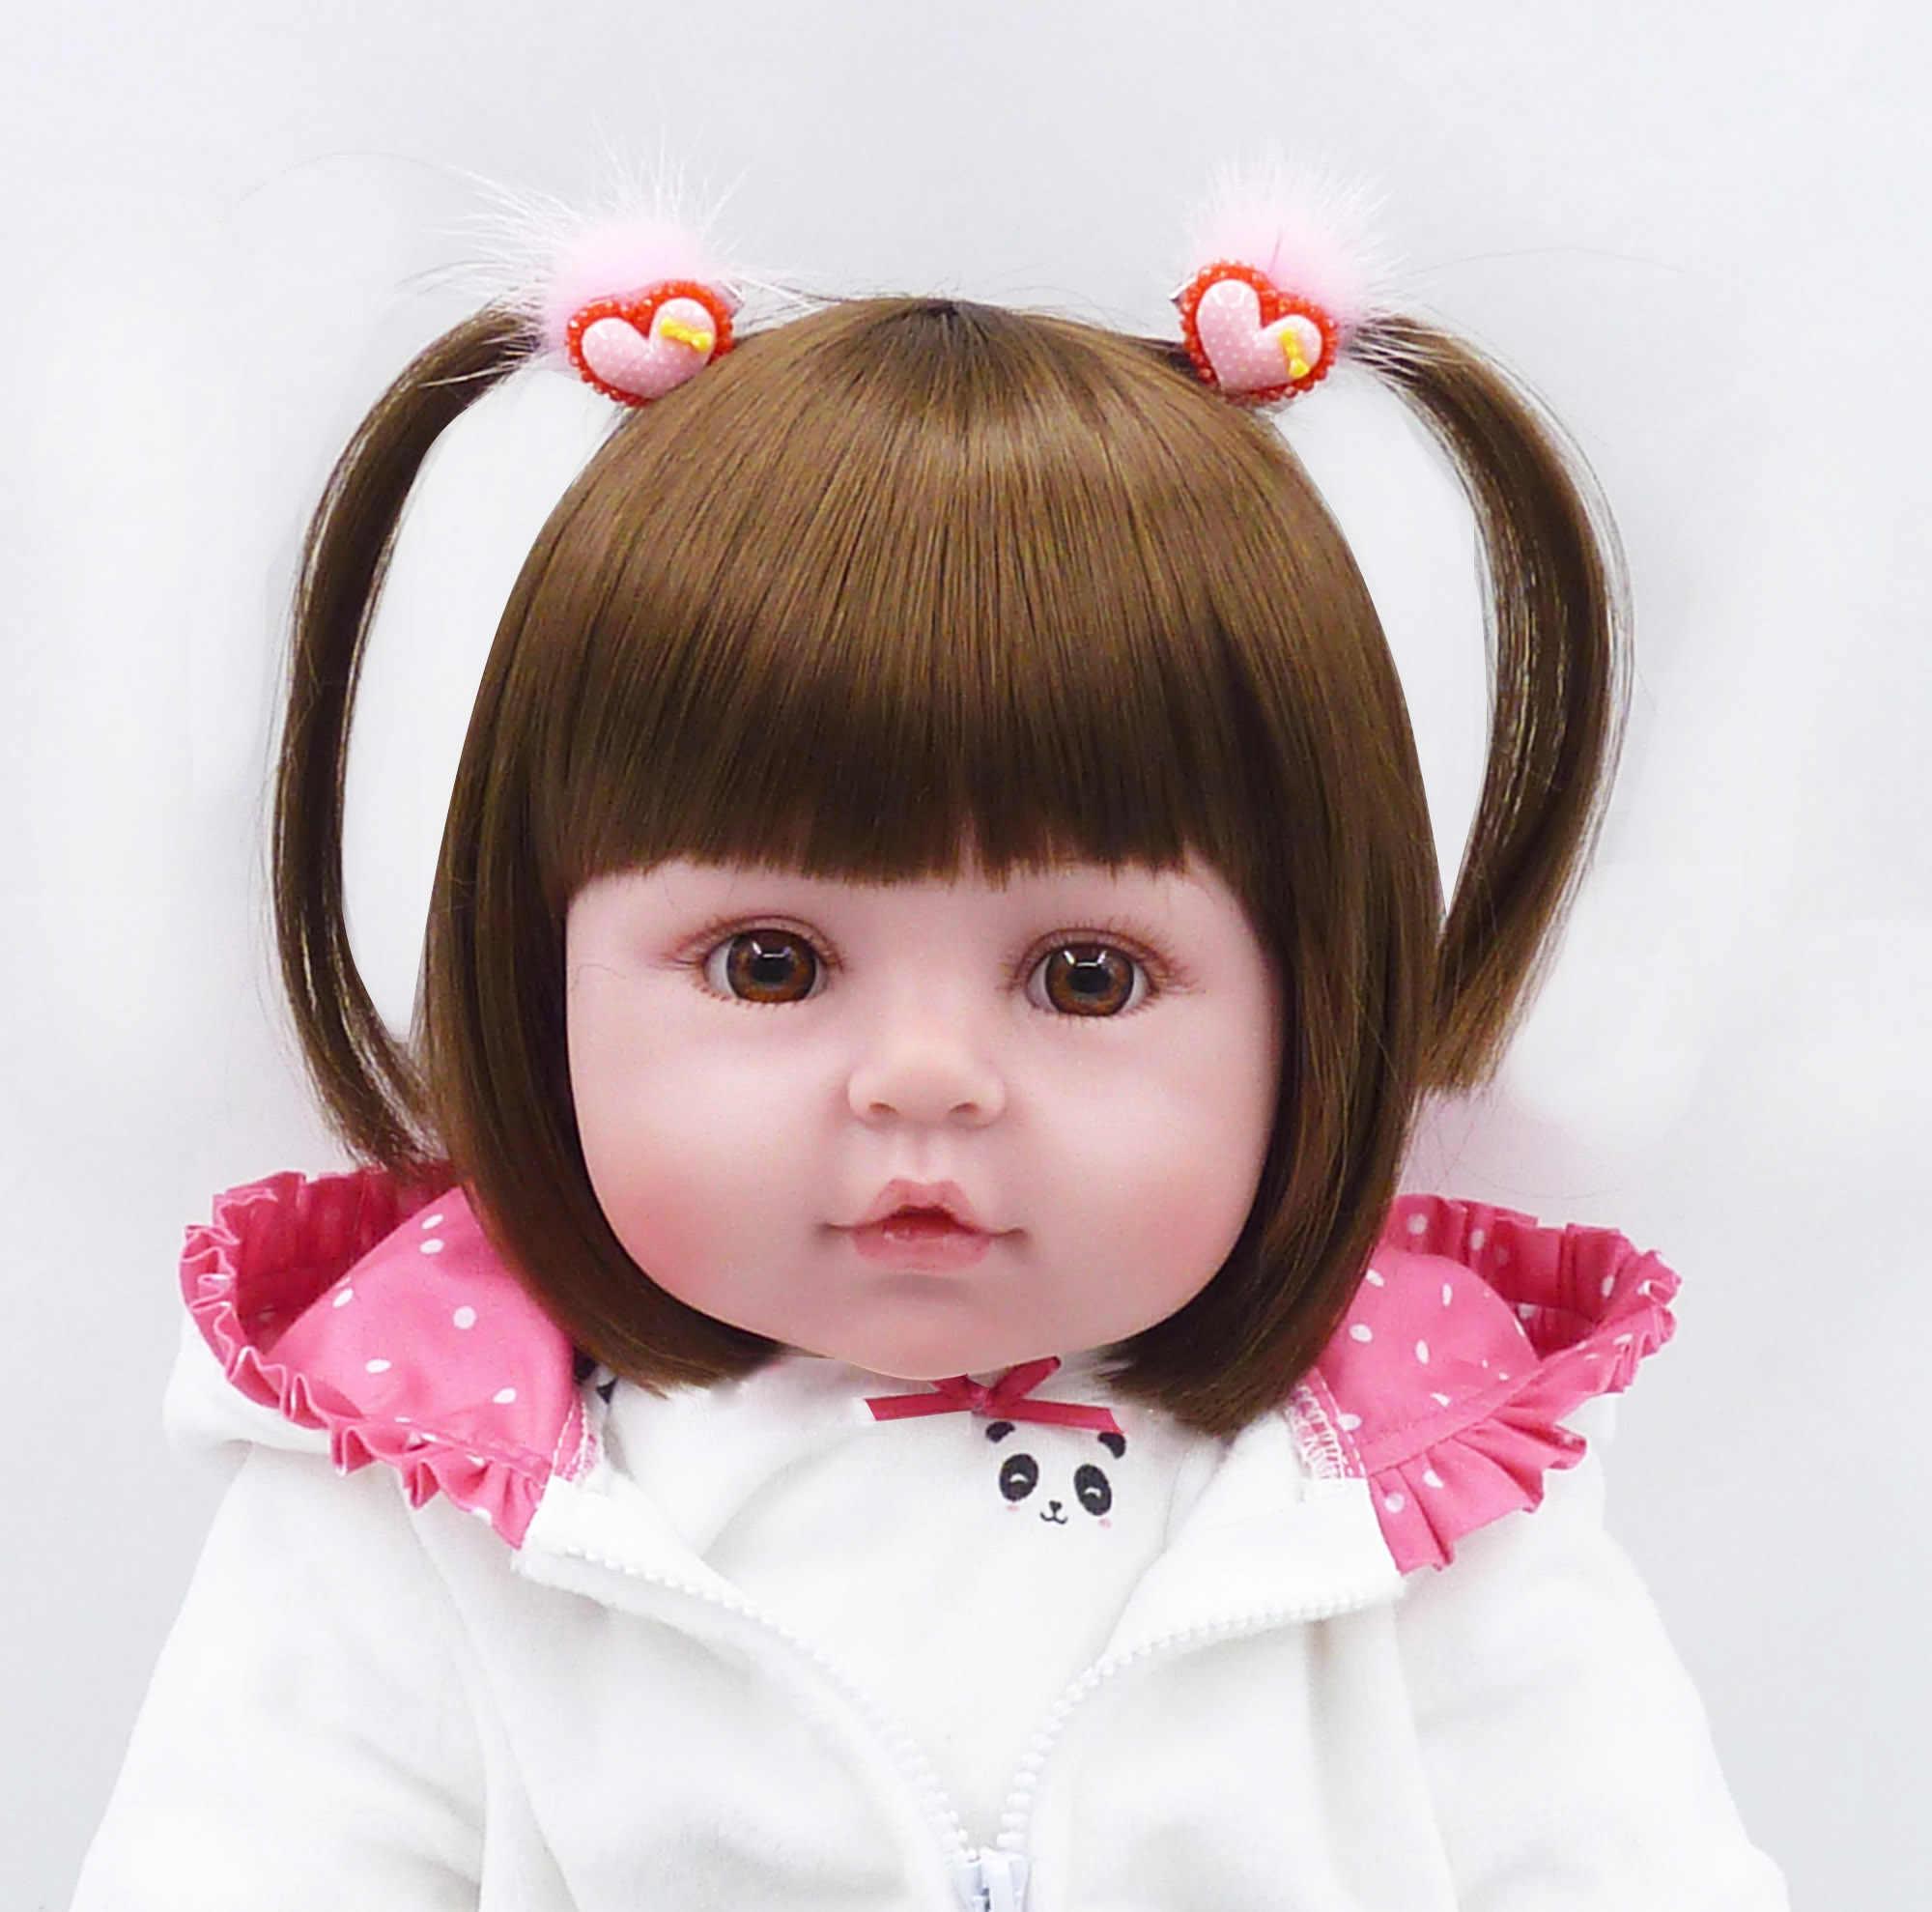 47 ซม.ซิลิโคน bebe reborn ตุ๊กตาเด็กทารกน่ารักแพนด้าน้อยเสื้อผ้าที่ดีที่สุดเด็กวันเกิดคริสต์มาสของขวัญ bebe reborn ตุ๊กตา